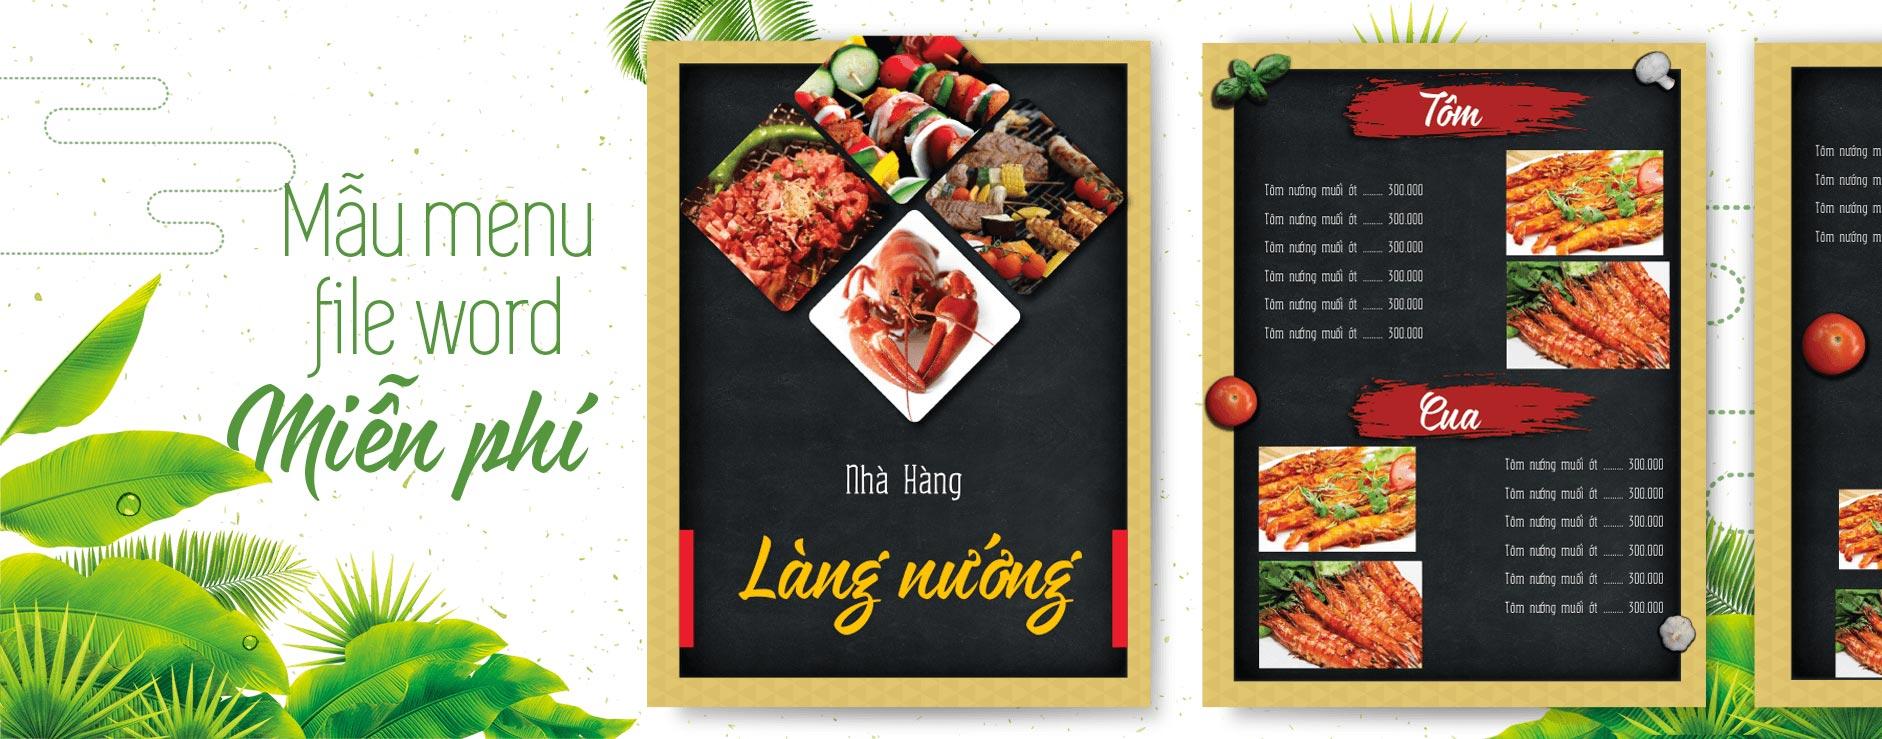 menu-word-2